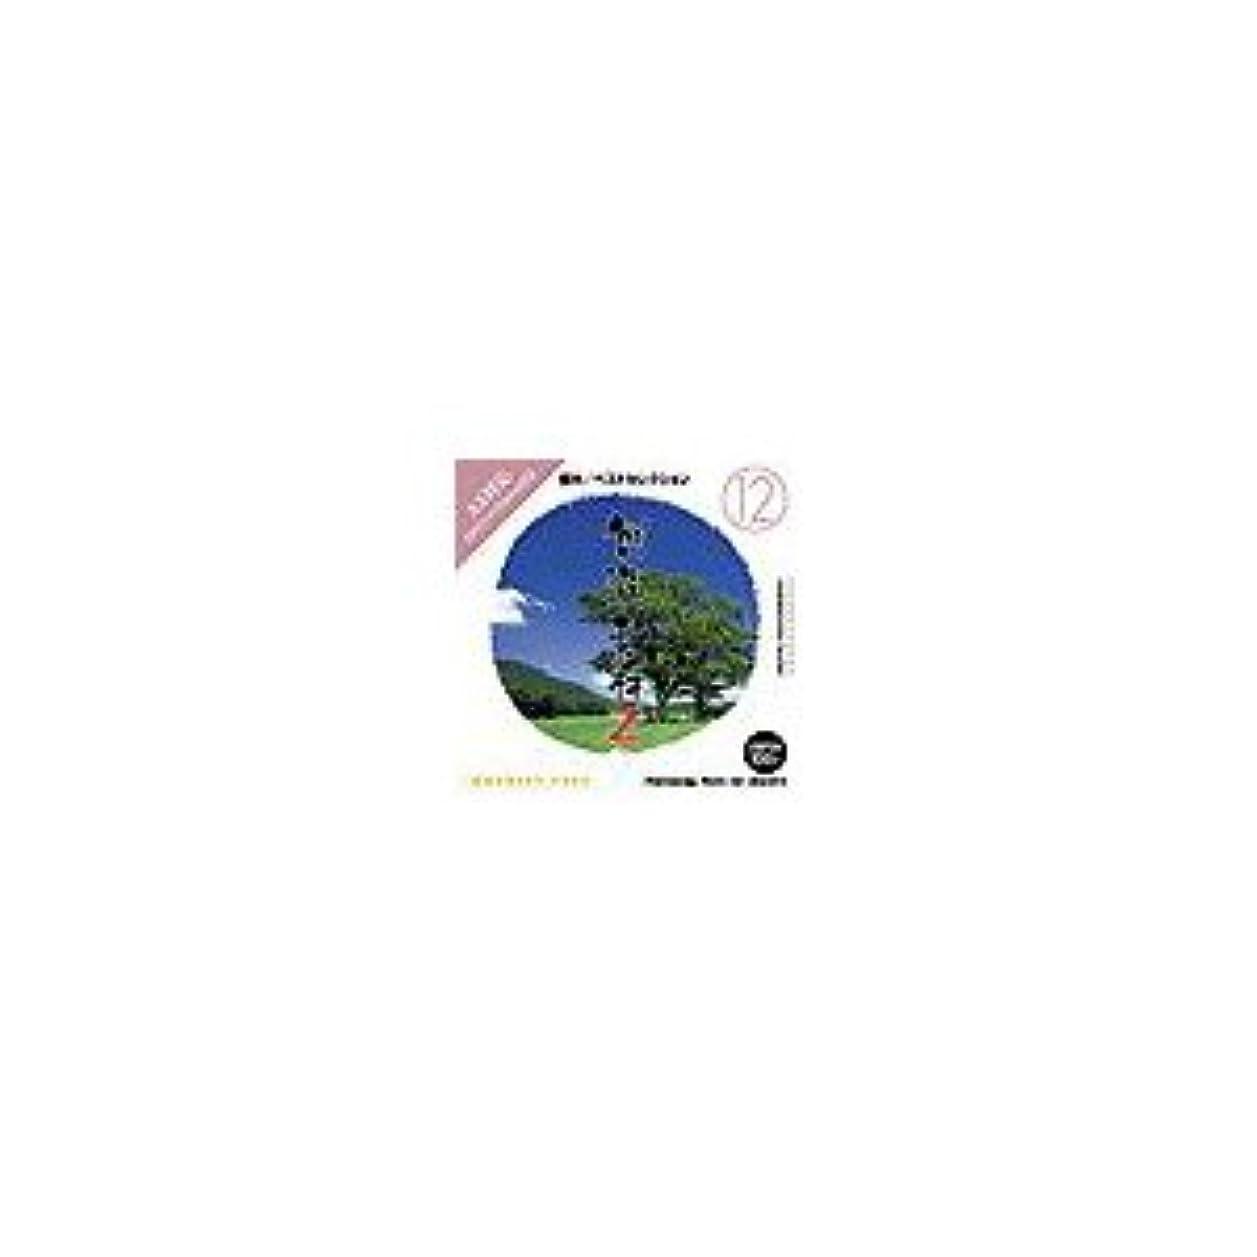 取り除くアナログ掻く写真素材 創造素材 Zシリーズ (12) 樹木/ベストセレクション ds-68245